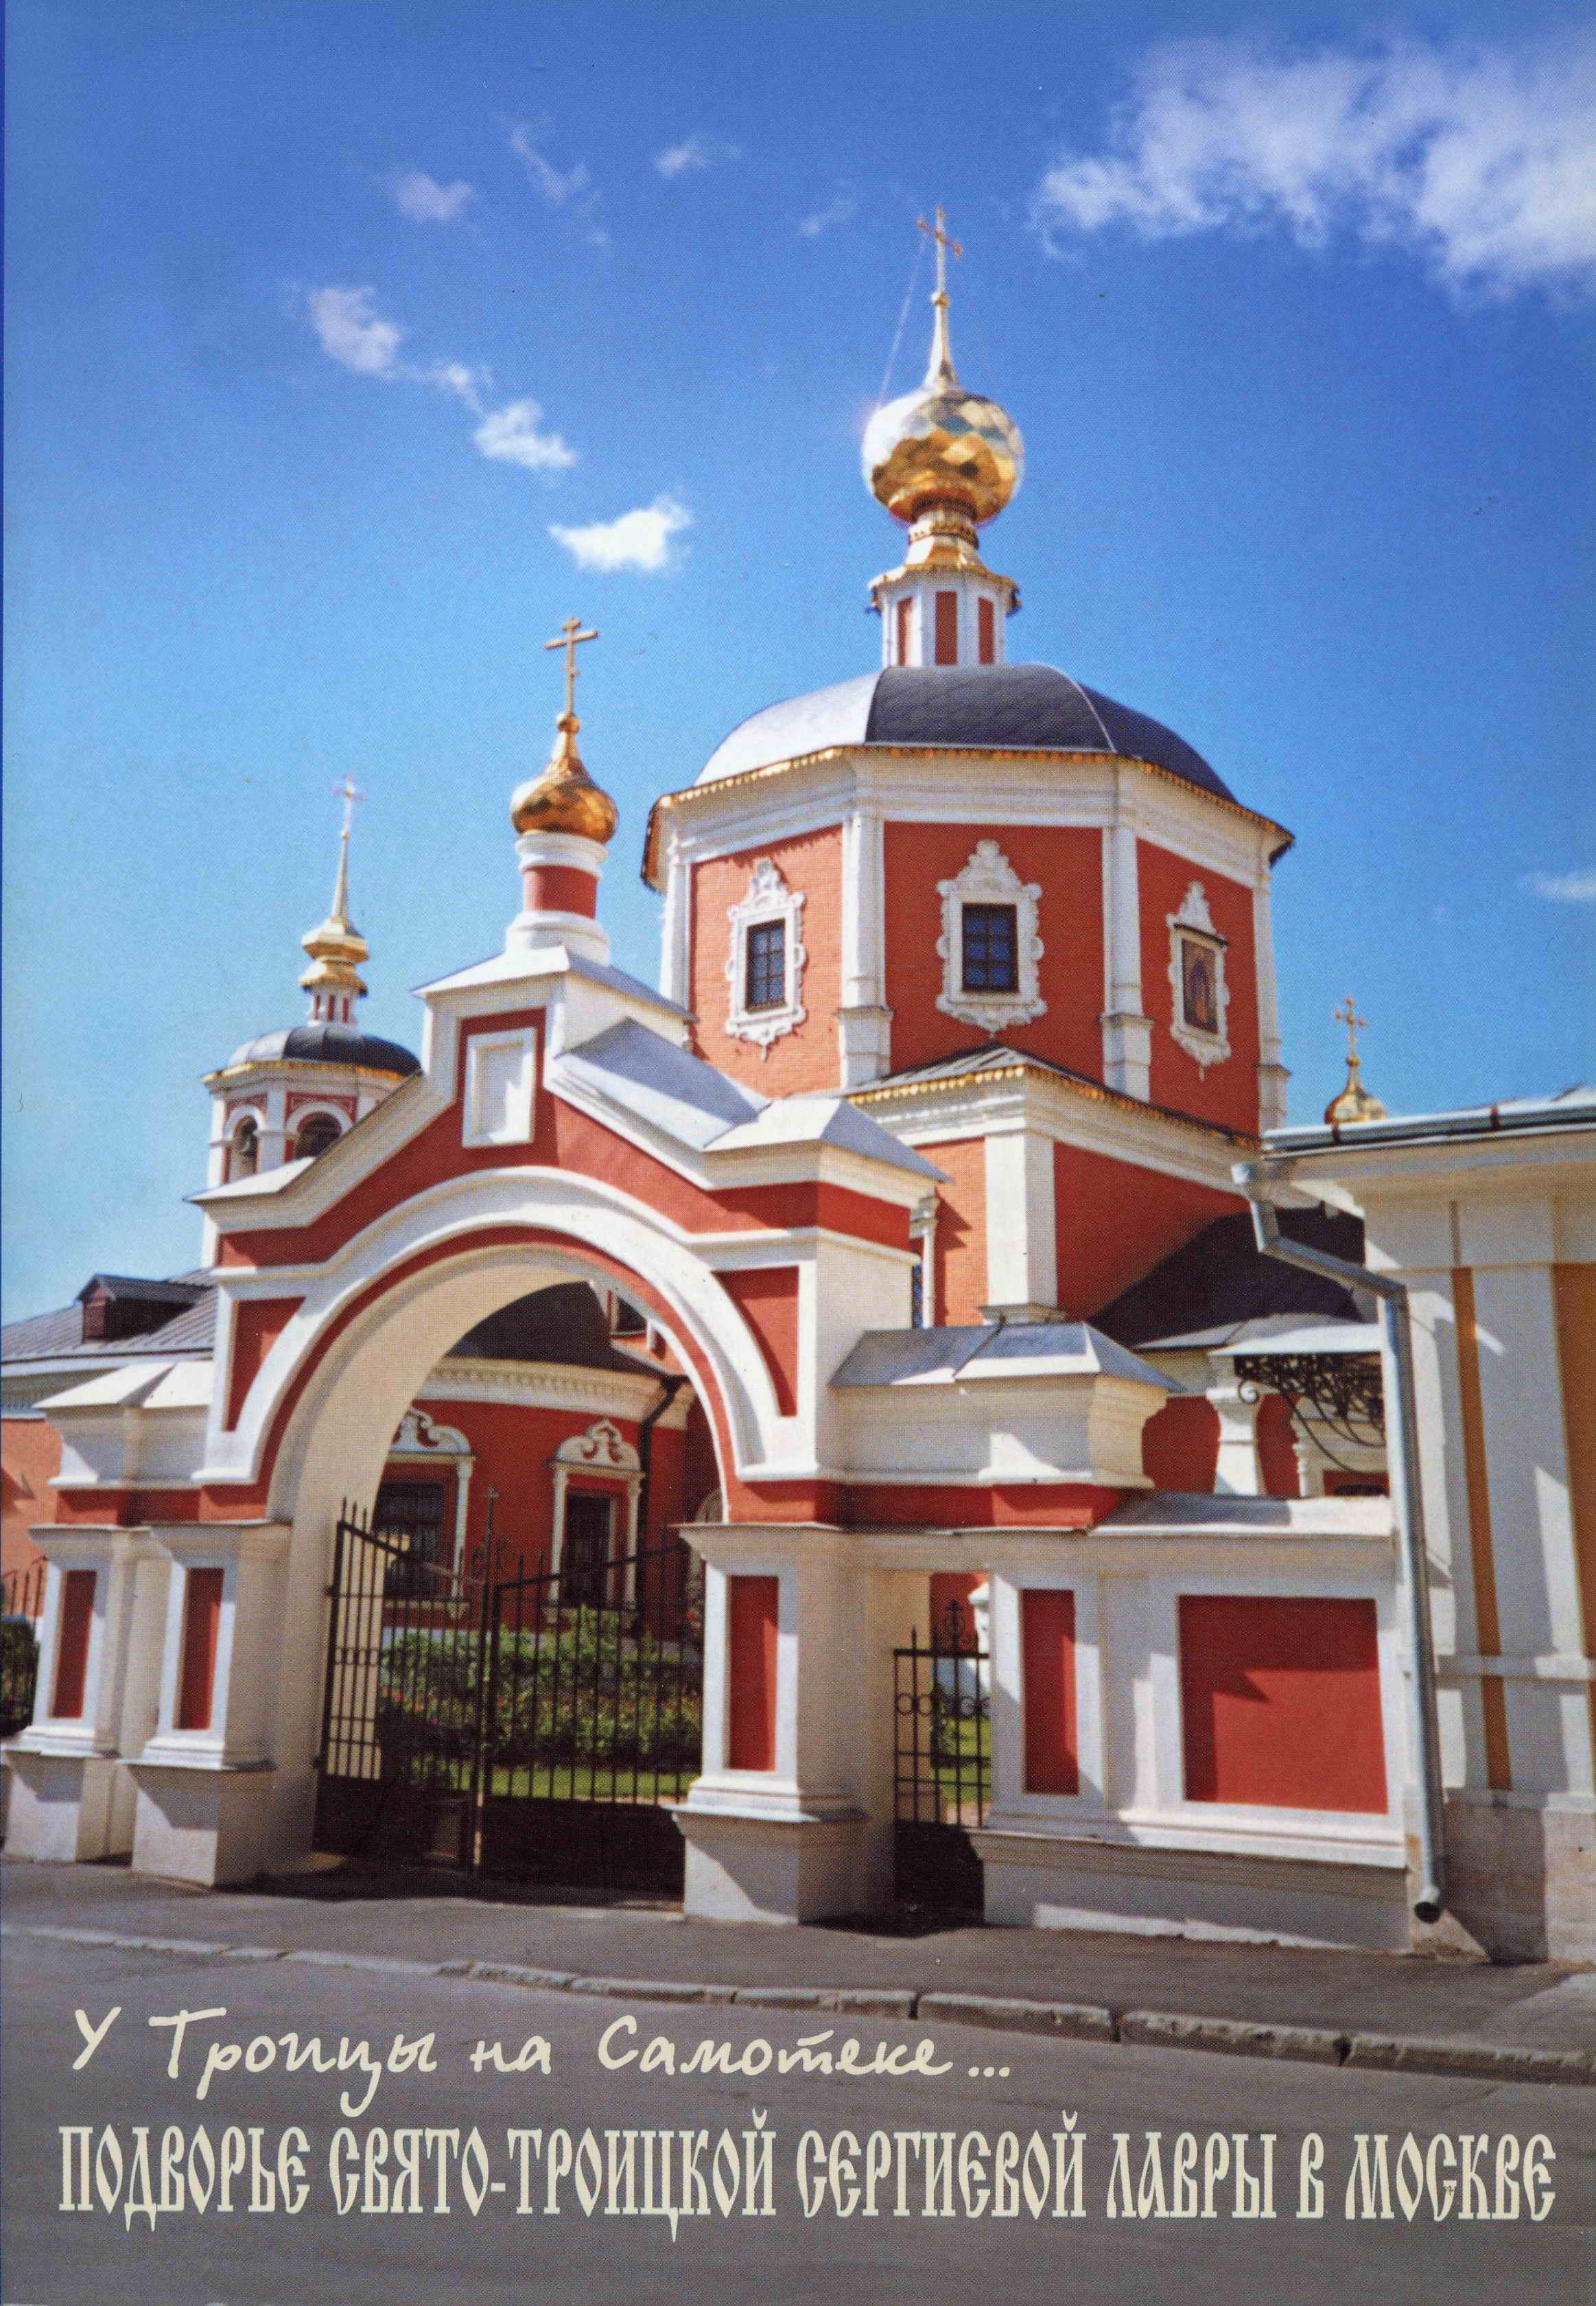 У Троицы на Самотеке… Подворье Свято-Троицкой Сергиевой Лавры в Москве